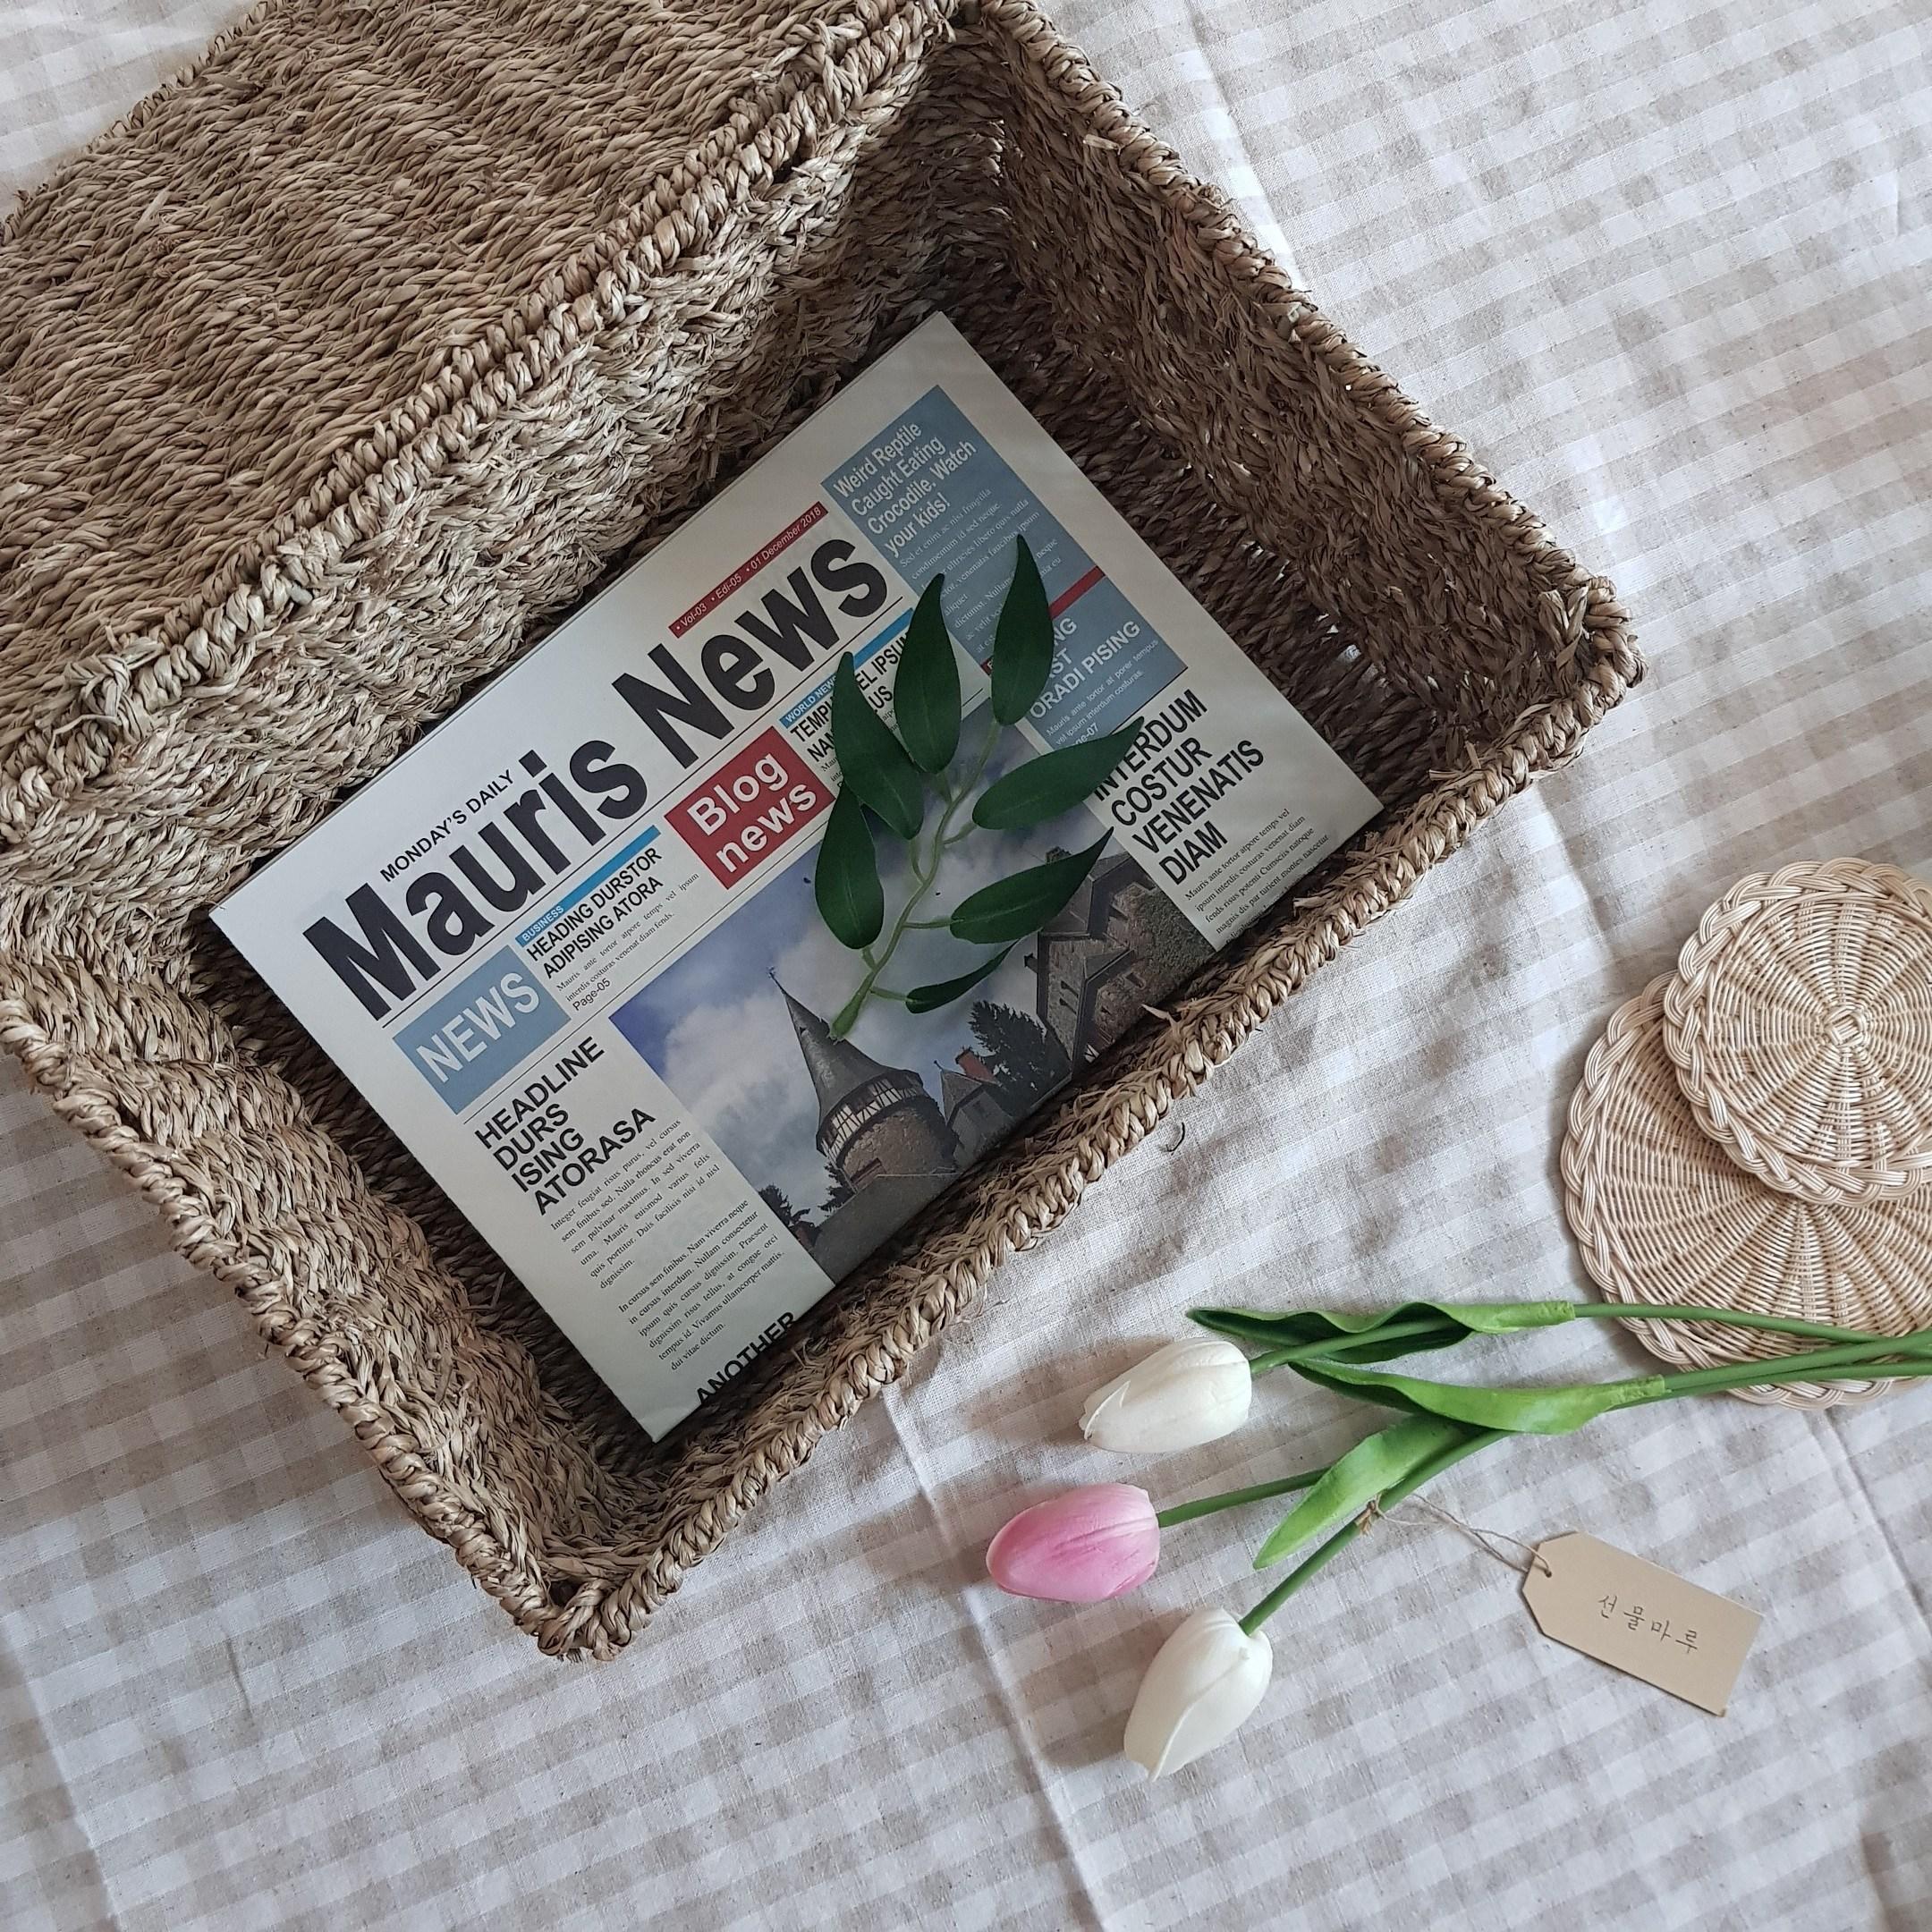 선물마루 사각 순수 해초 바구니 2종 뚜껑 라탄공예 수납 정리함 왕골 팬트리 정리 발리소품 바스켓, 사이즈(대)